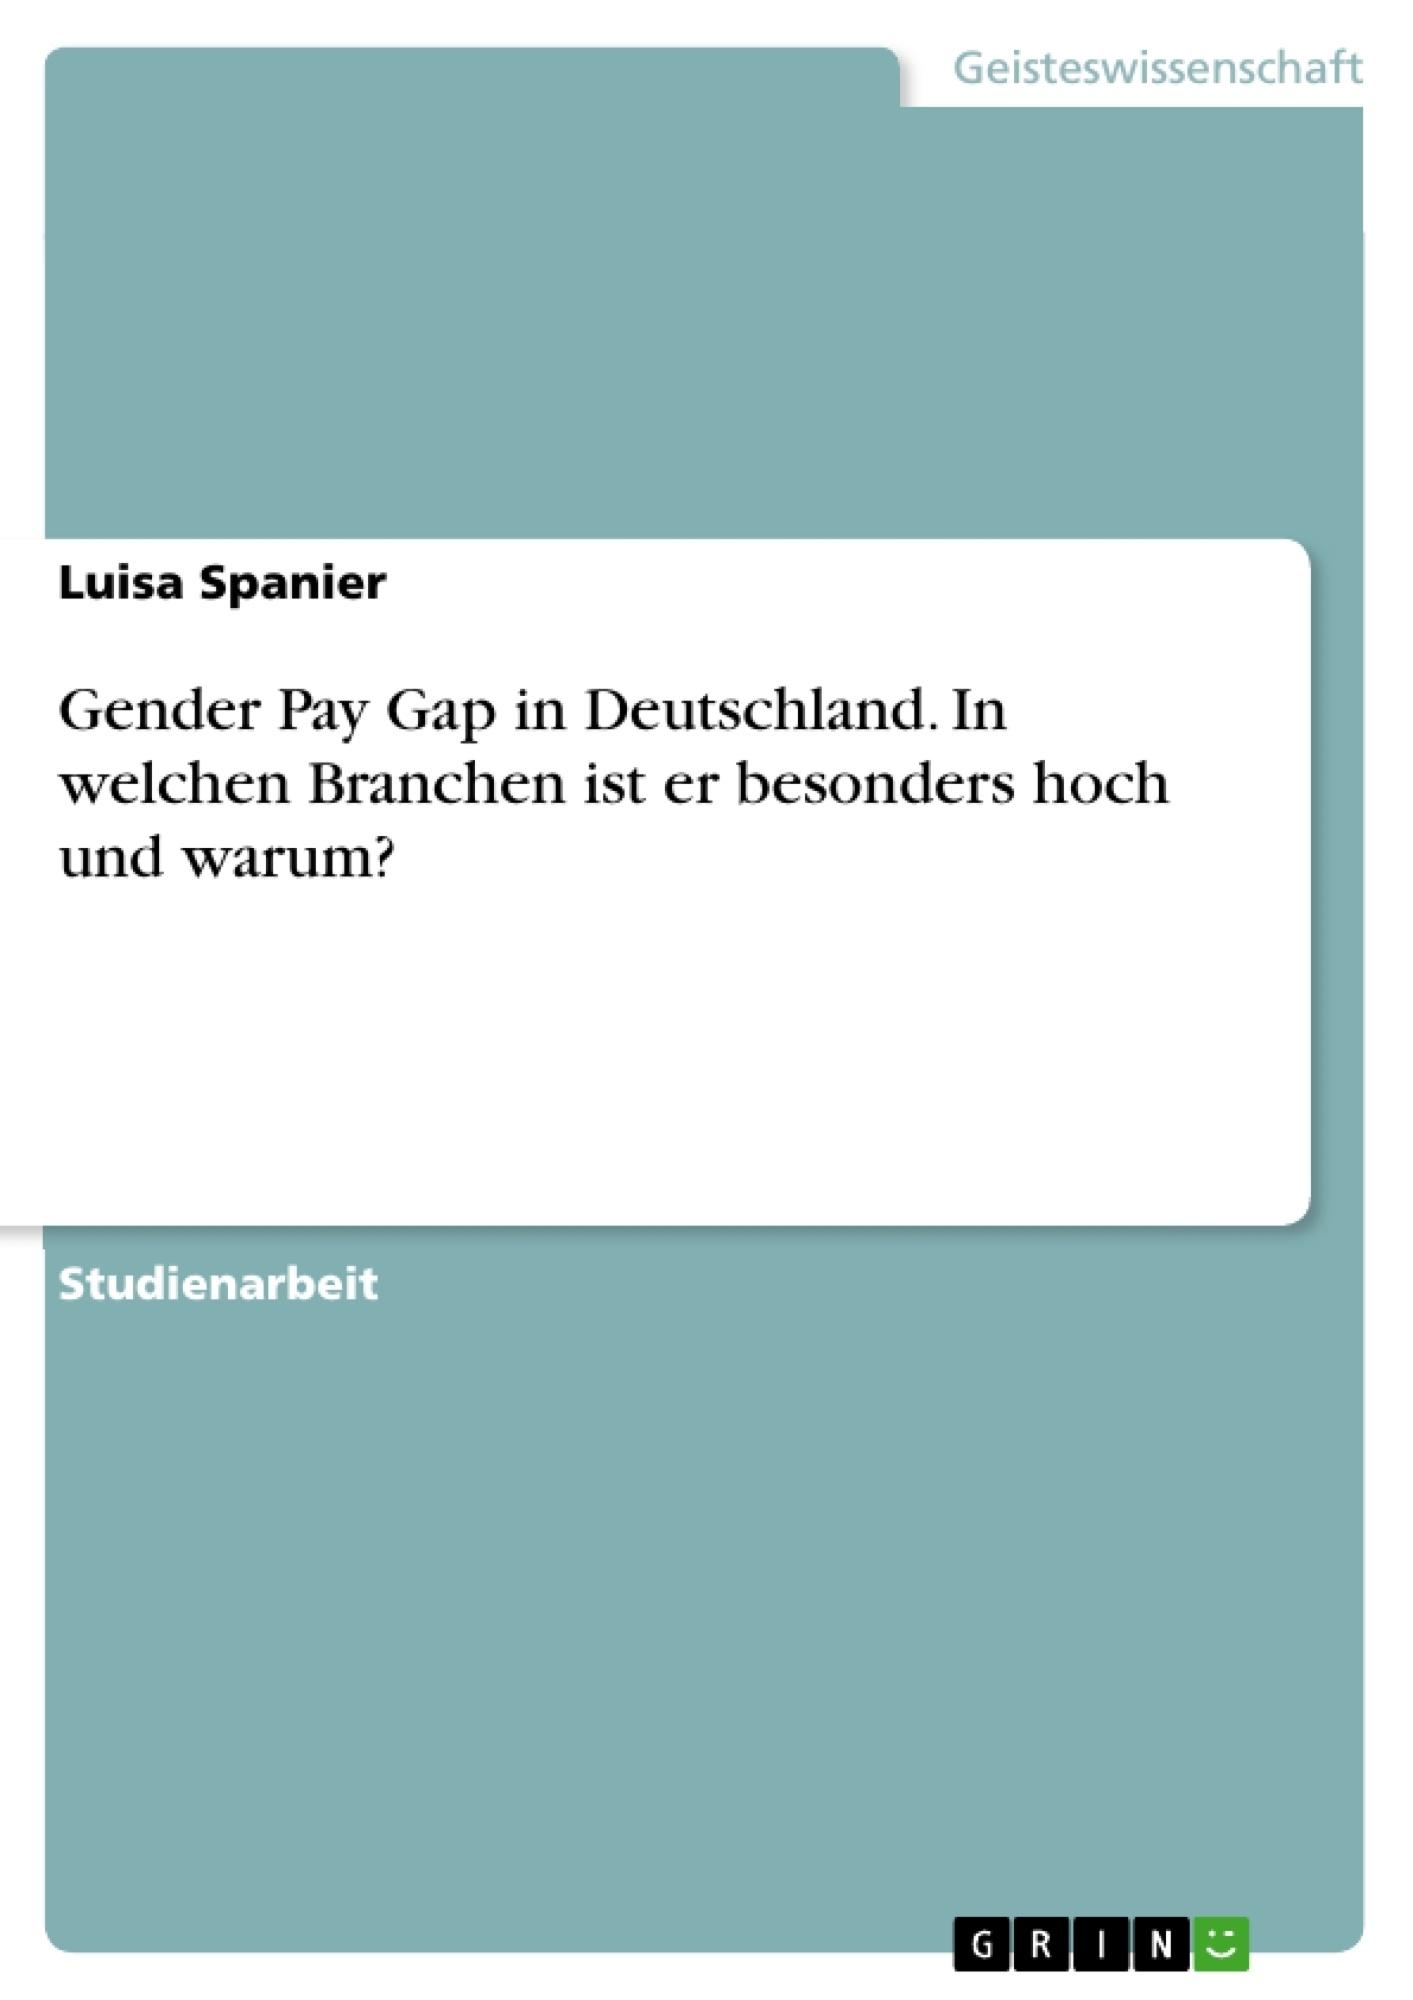 Titel: Gender Pay Gap in Deutschland. In welchen Branchen ist er besonders hoch und warum?